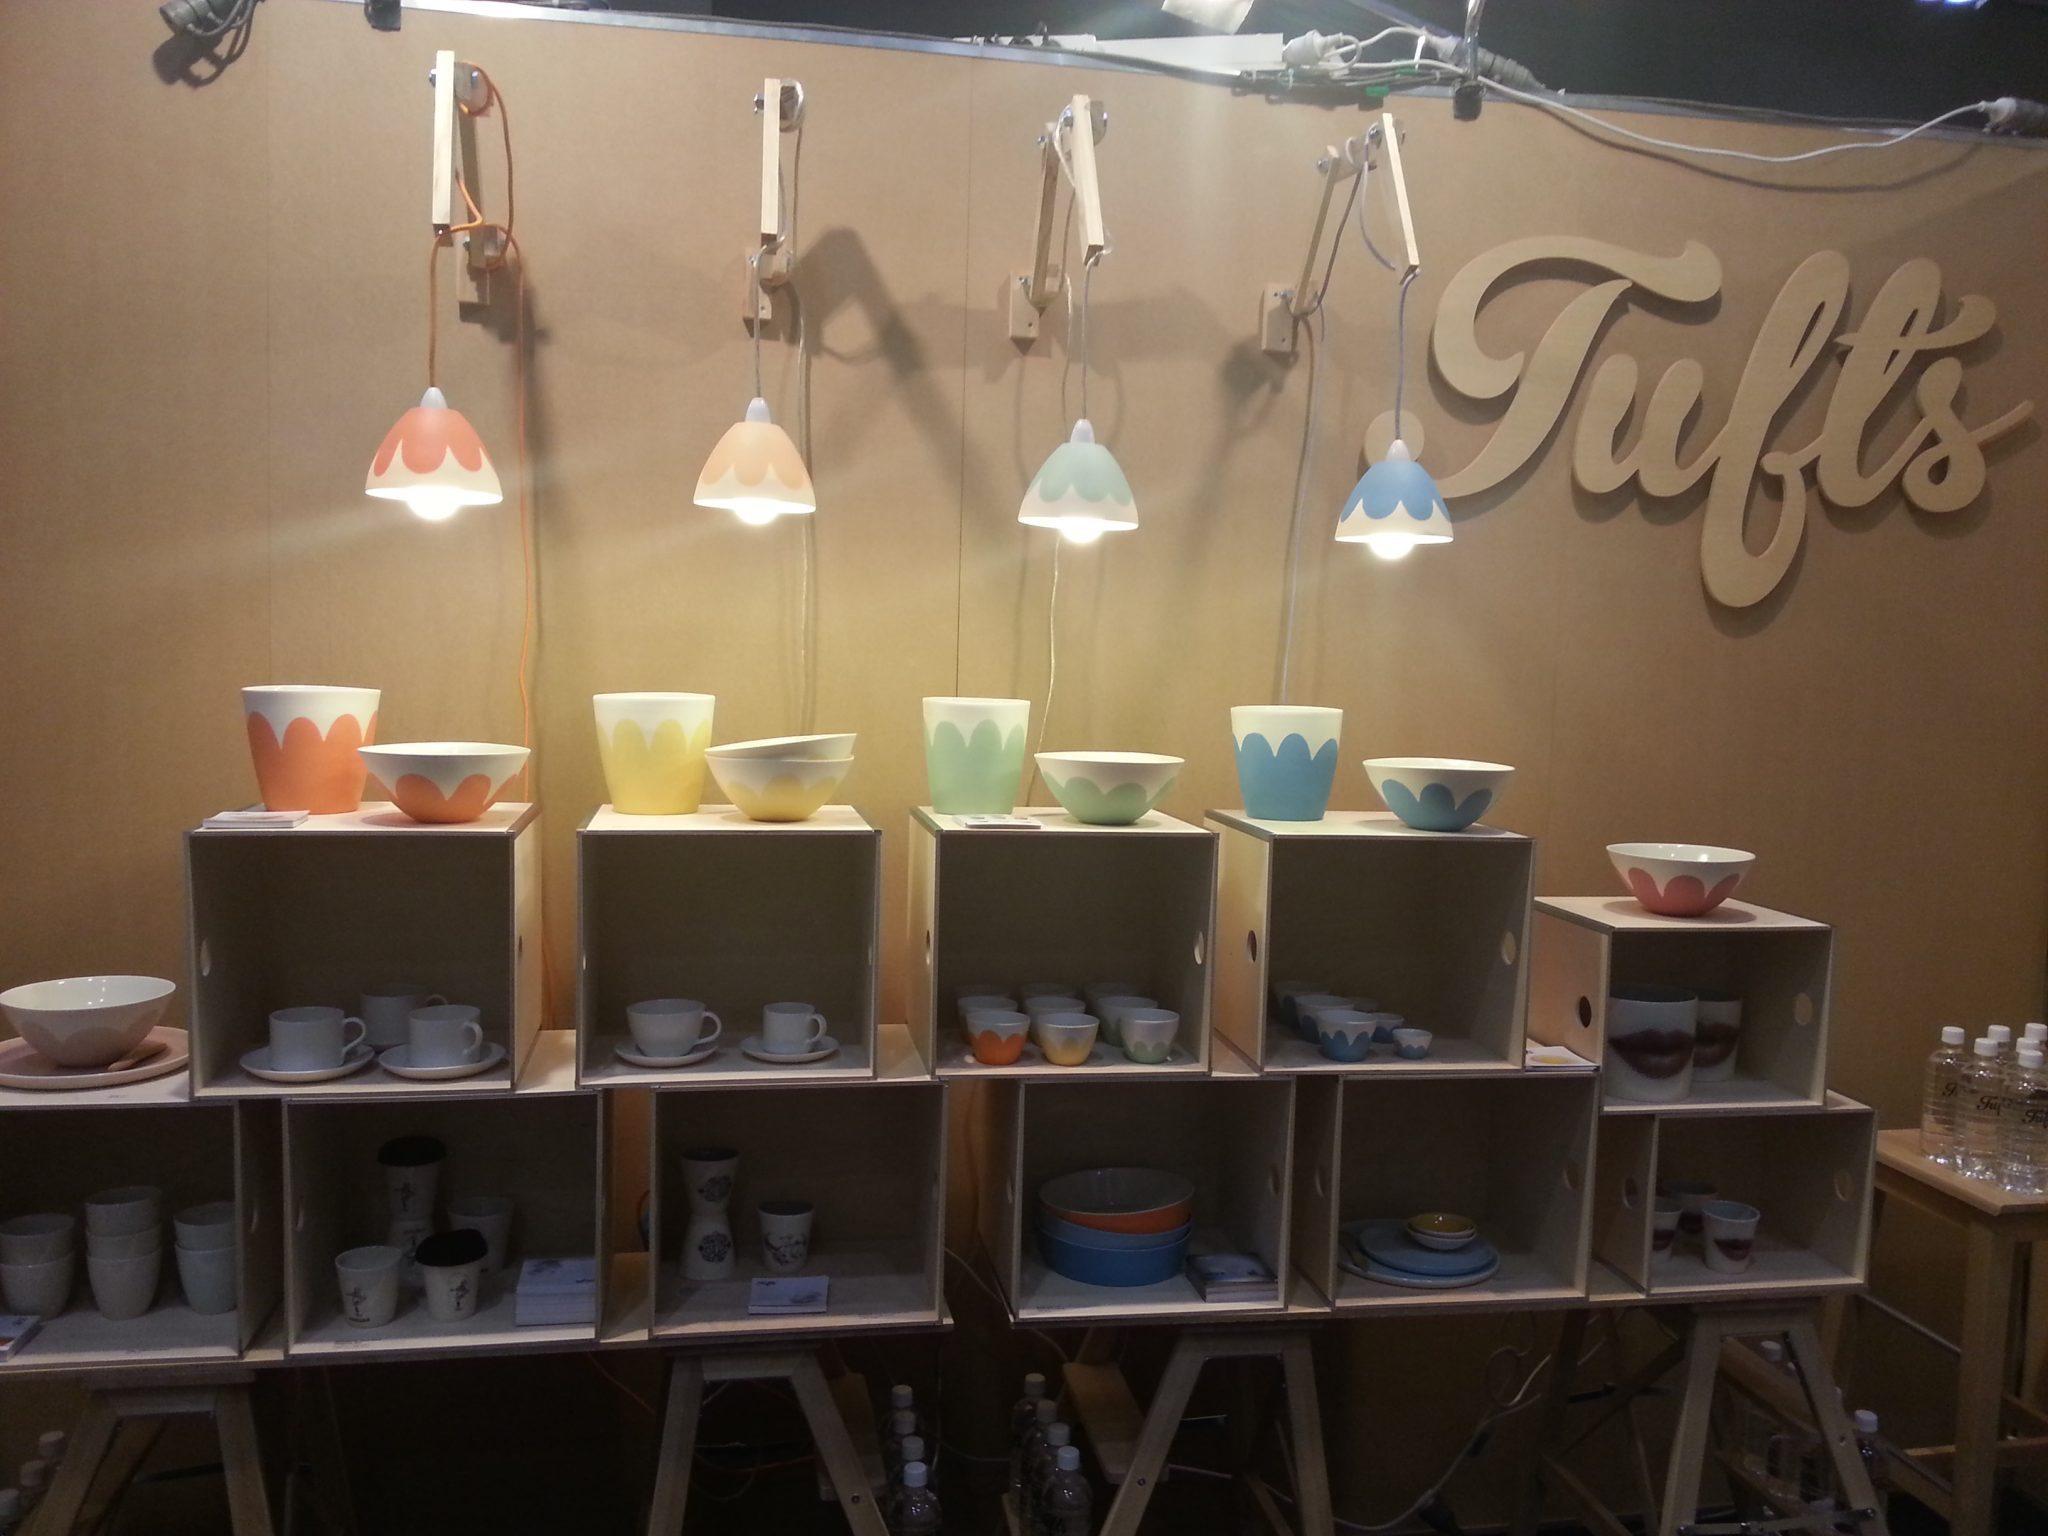 Tufts Design